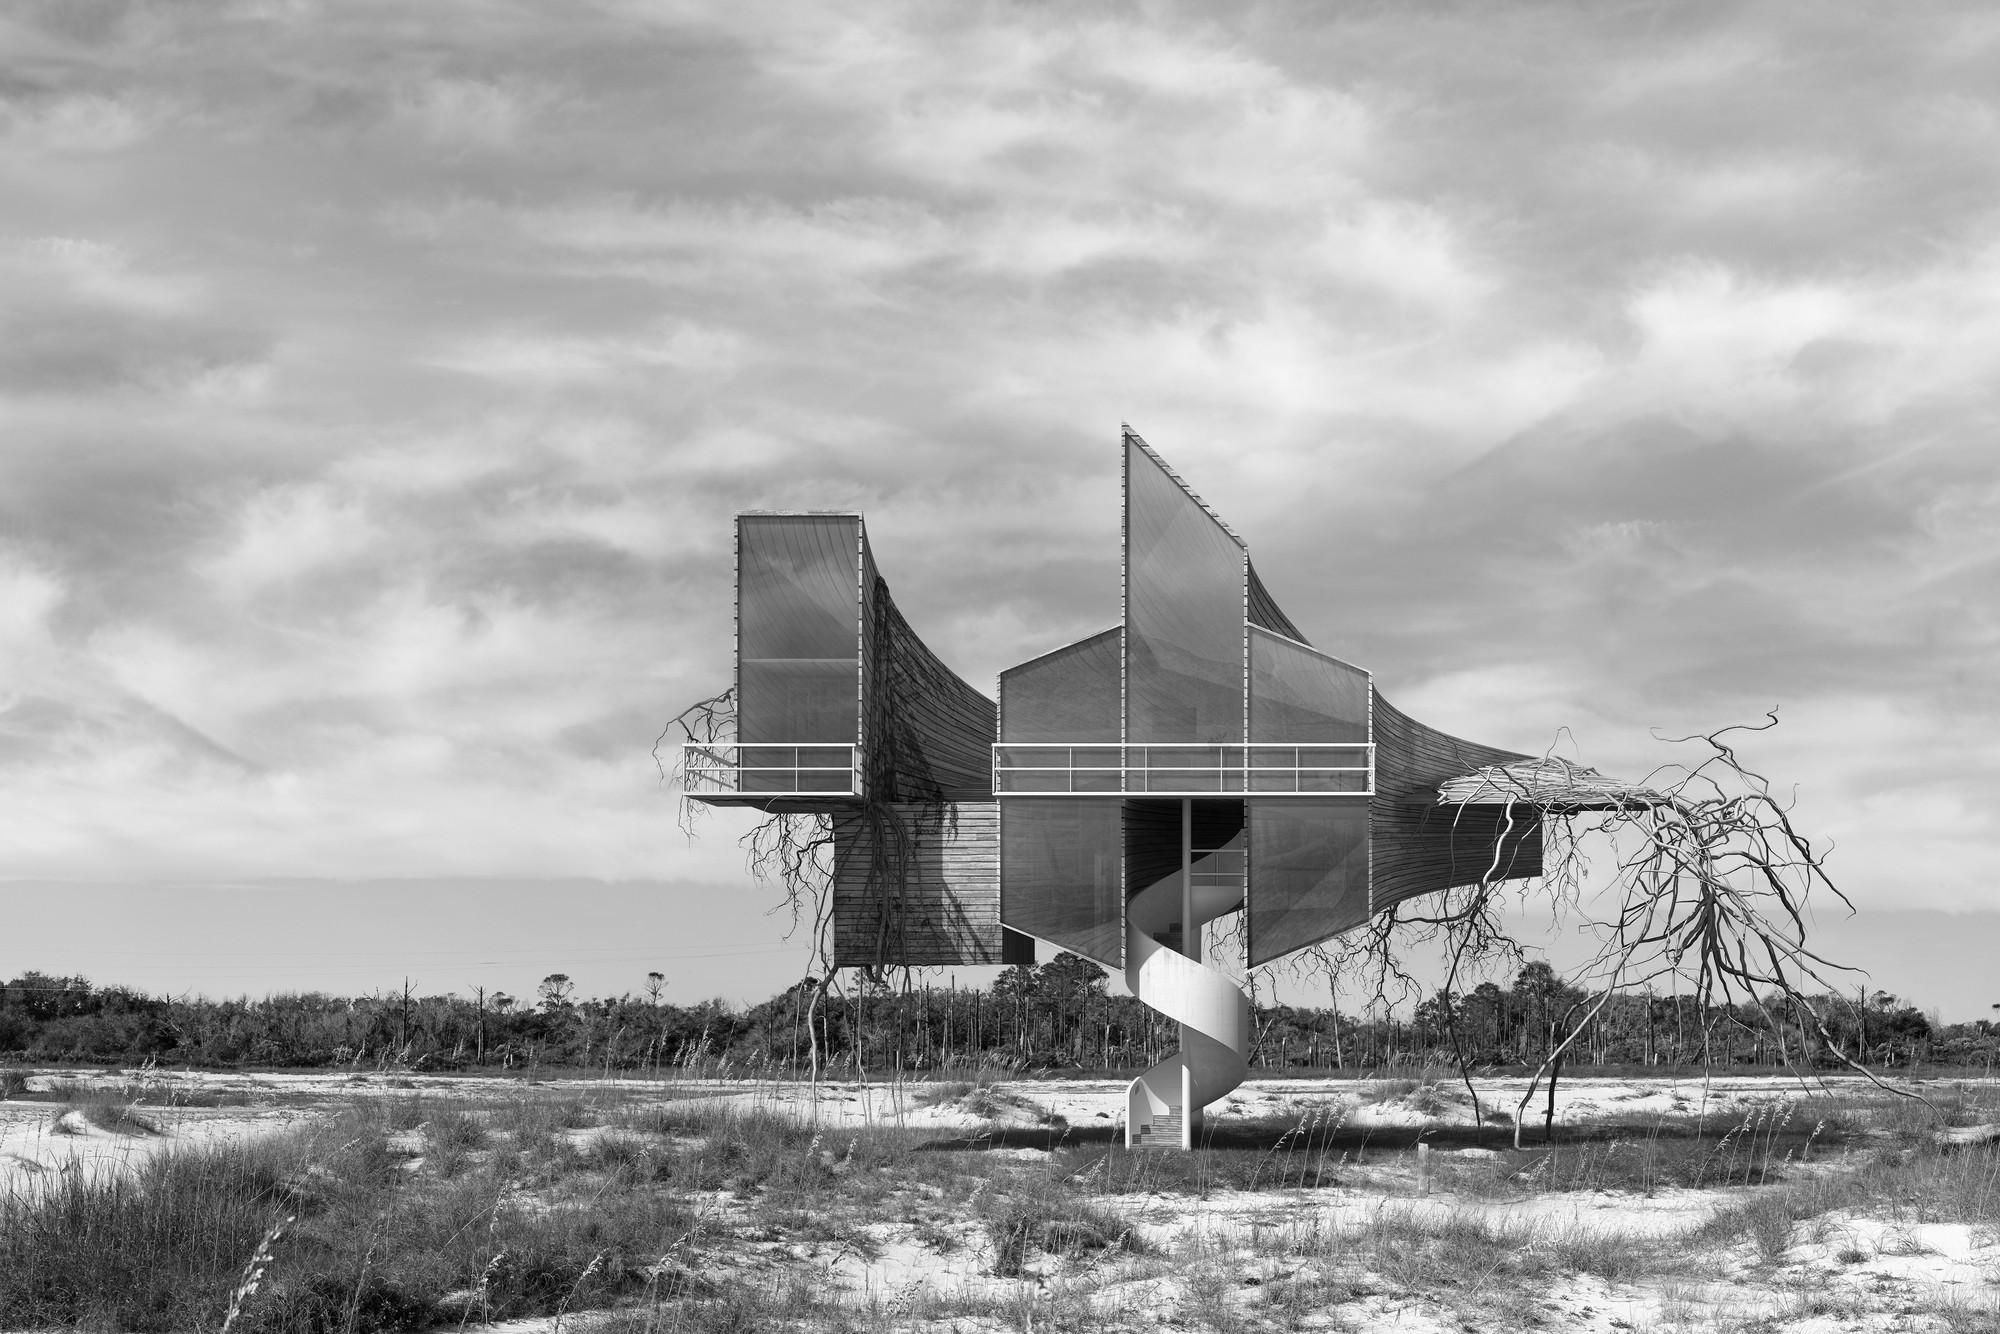 Arte e Arquitetura: arquitetura para a resistência, por Dionisio González, © Dionisio González. Cortesía de Yusto / Giner